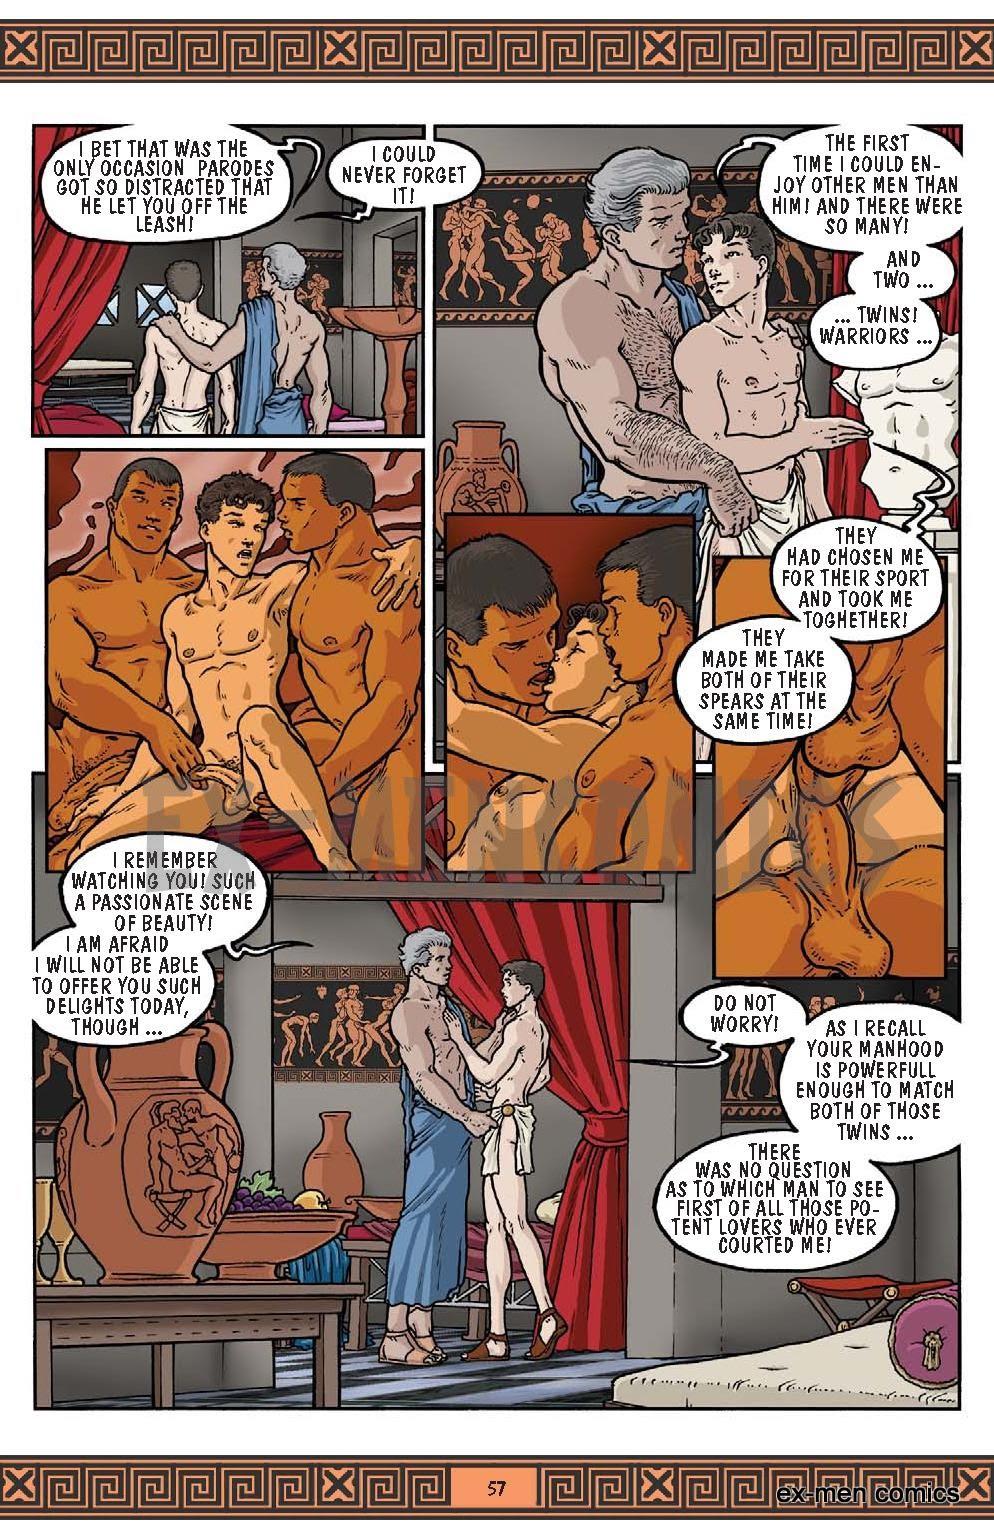 rimlyane-gey-porno